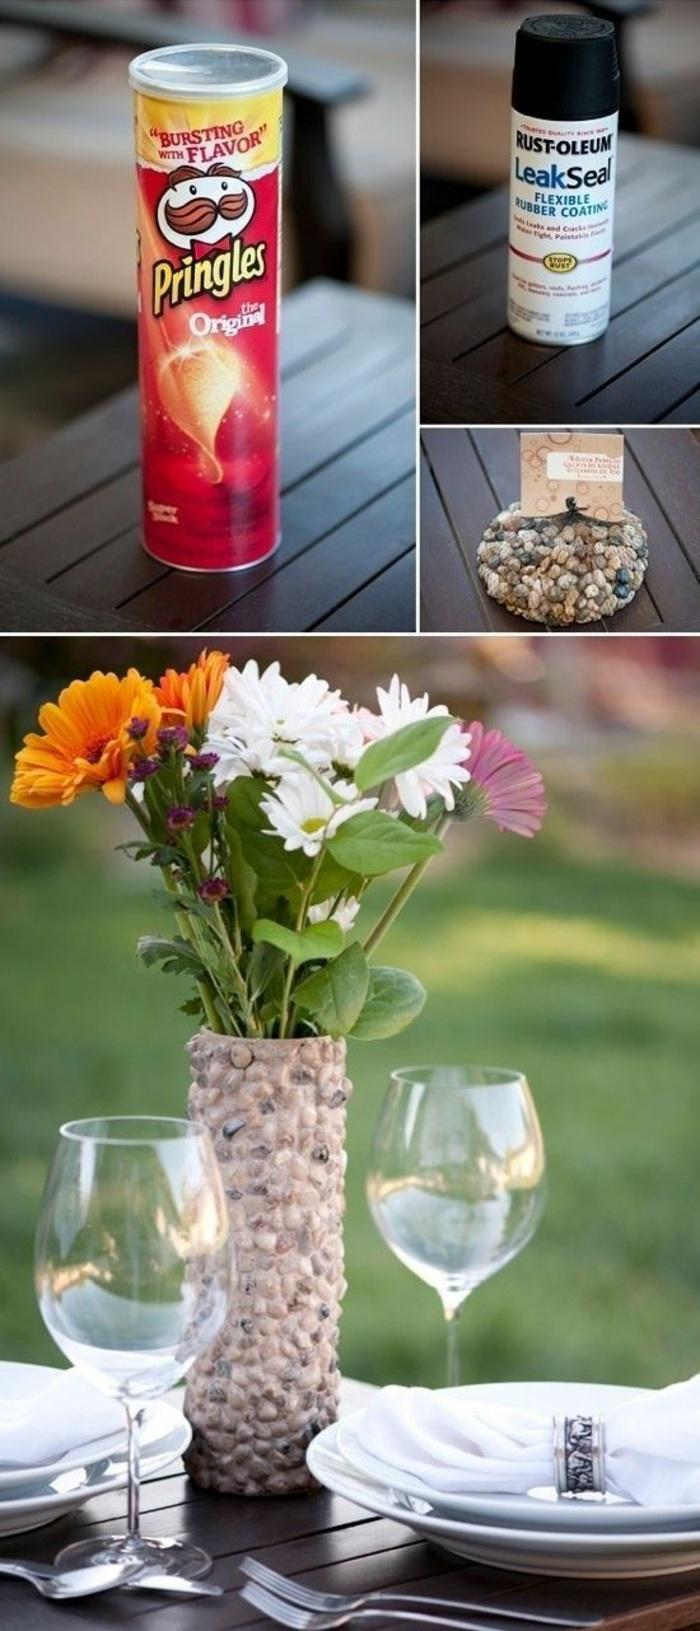 bricolage automne facile, modèle de vase DIY fabriqué avec boîte en carton, idée comment faire un vase avec carton et cailloux